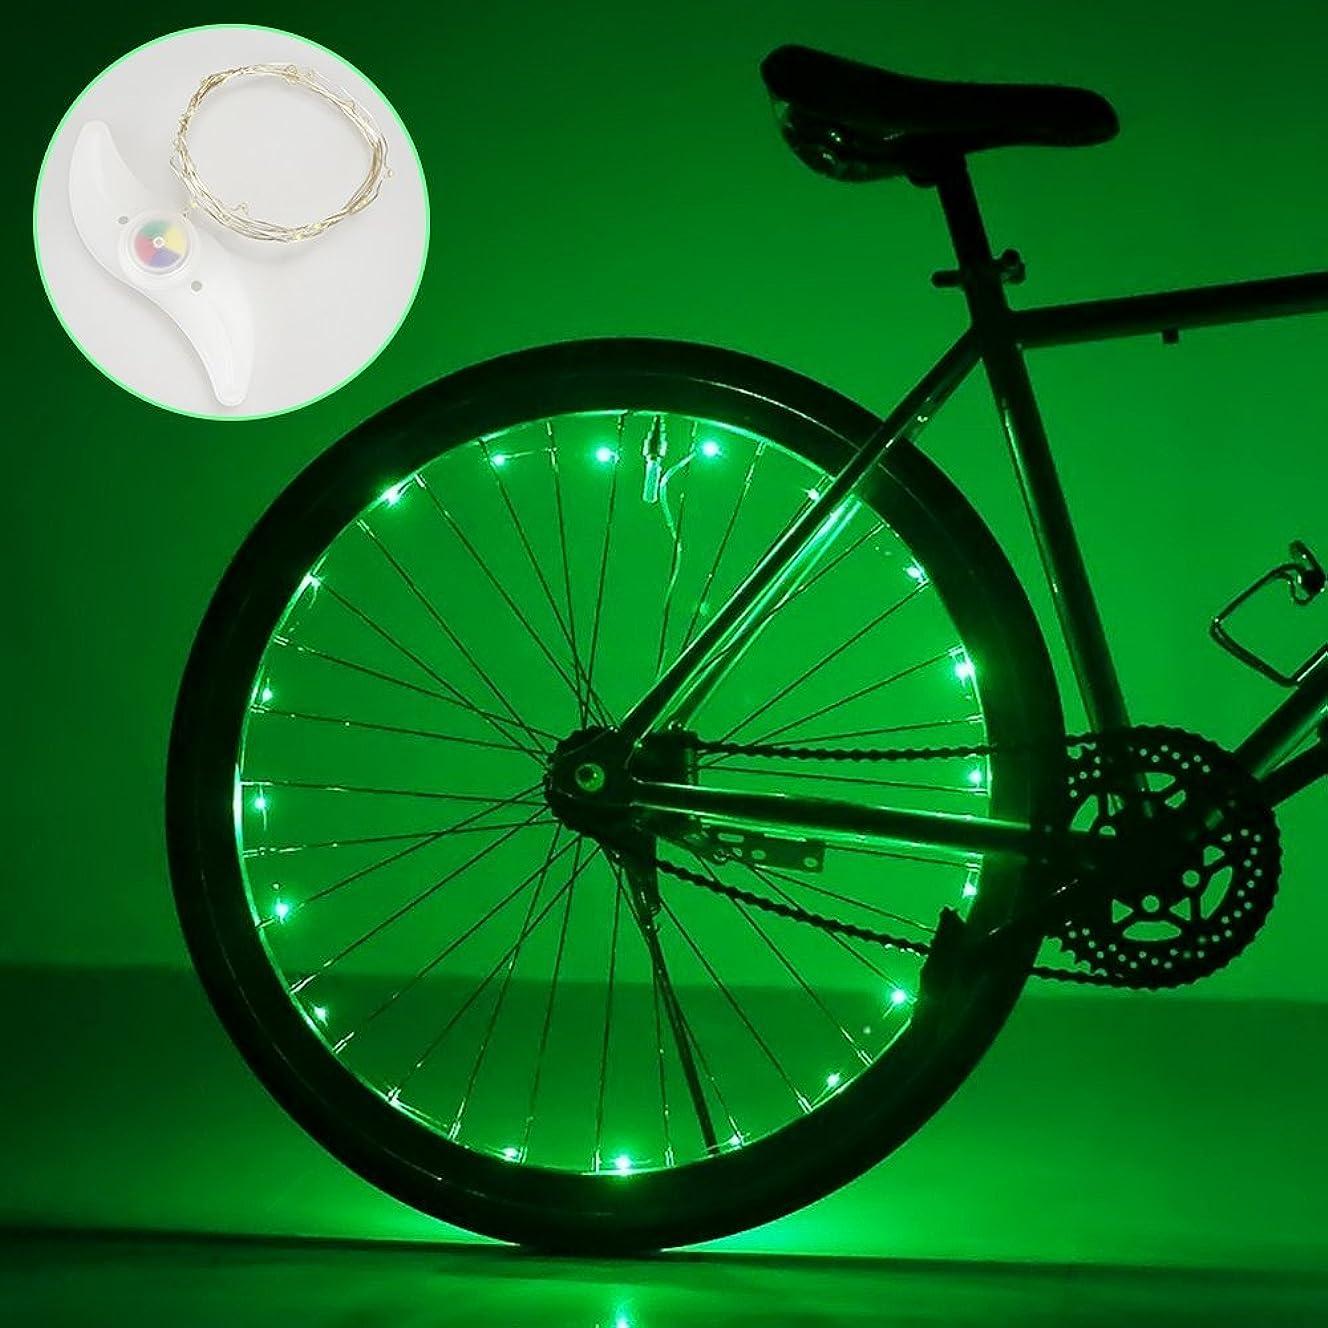 DIMY Bike Wheel Light - Best Gifts